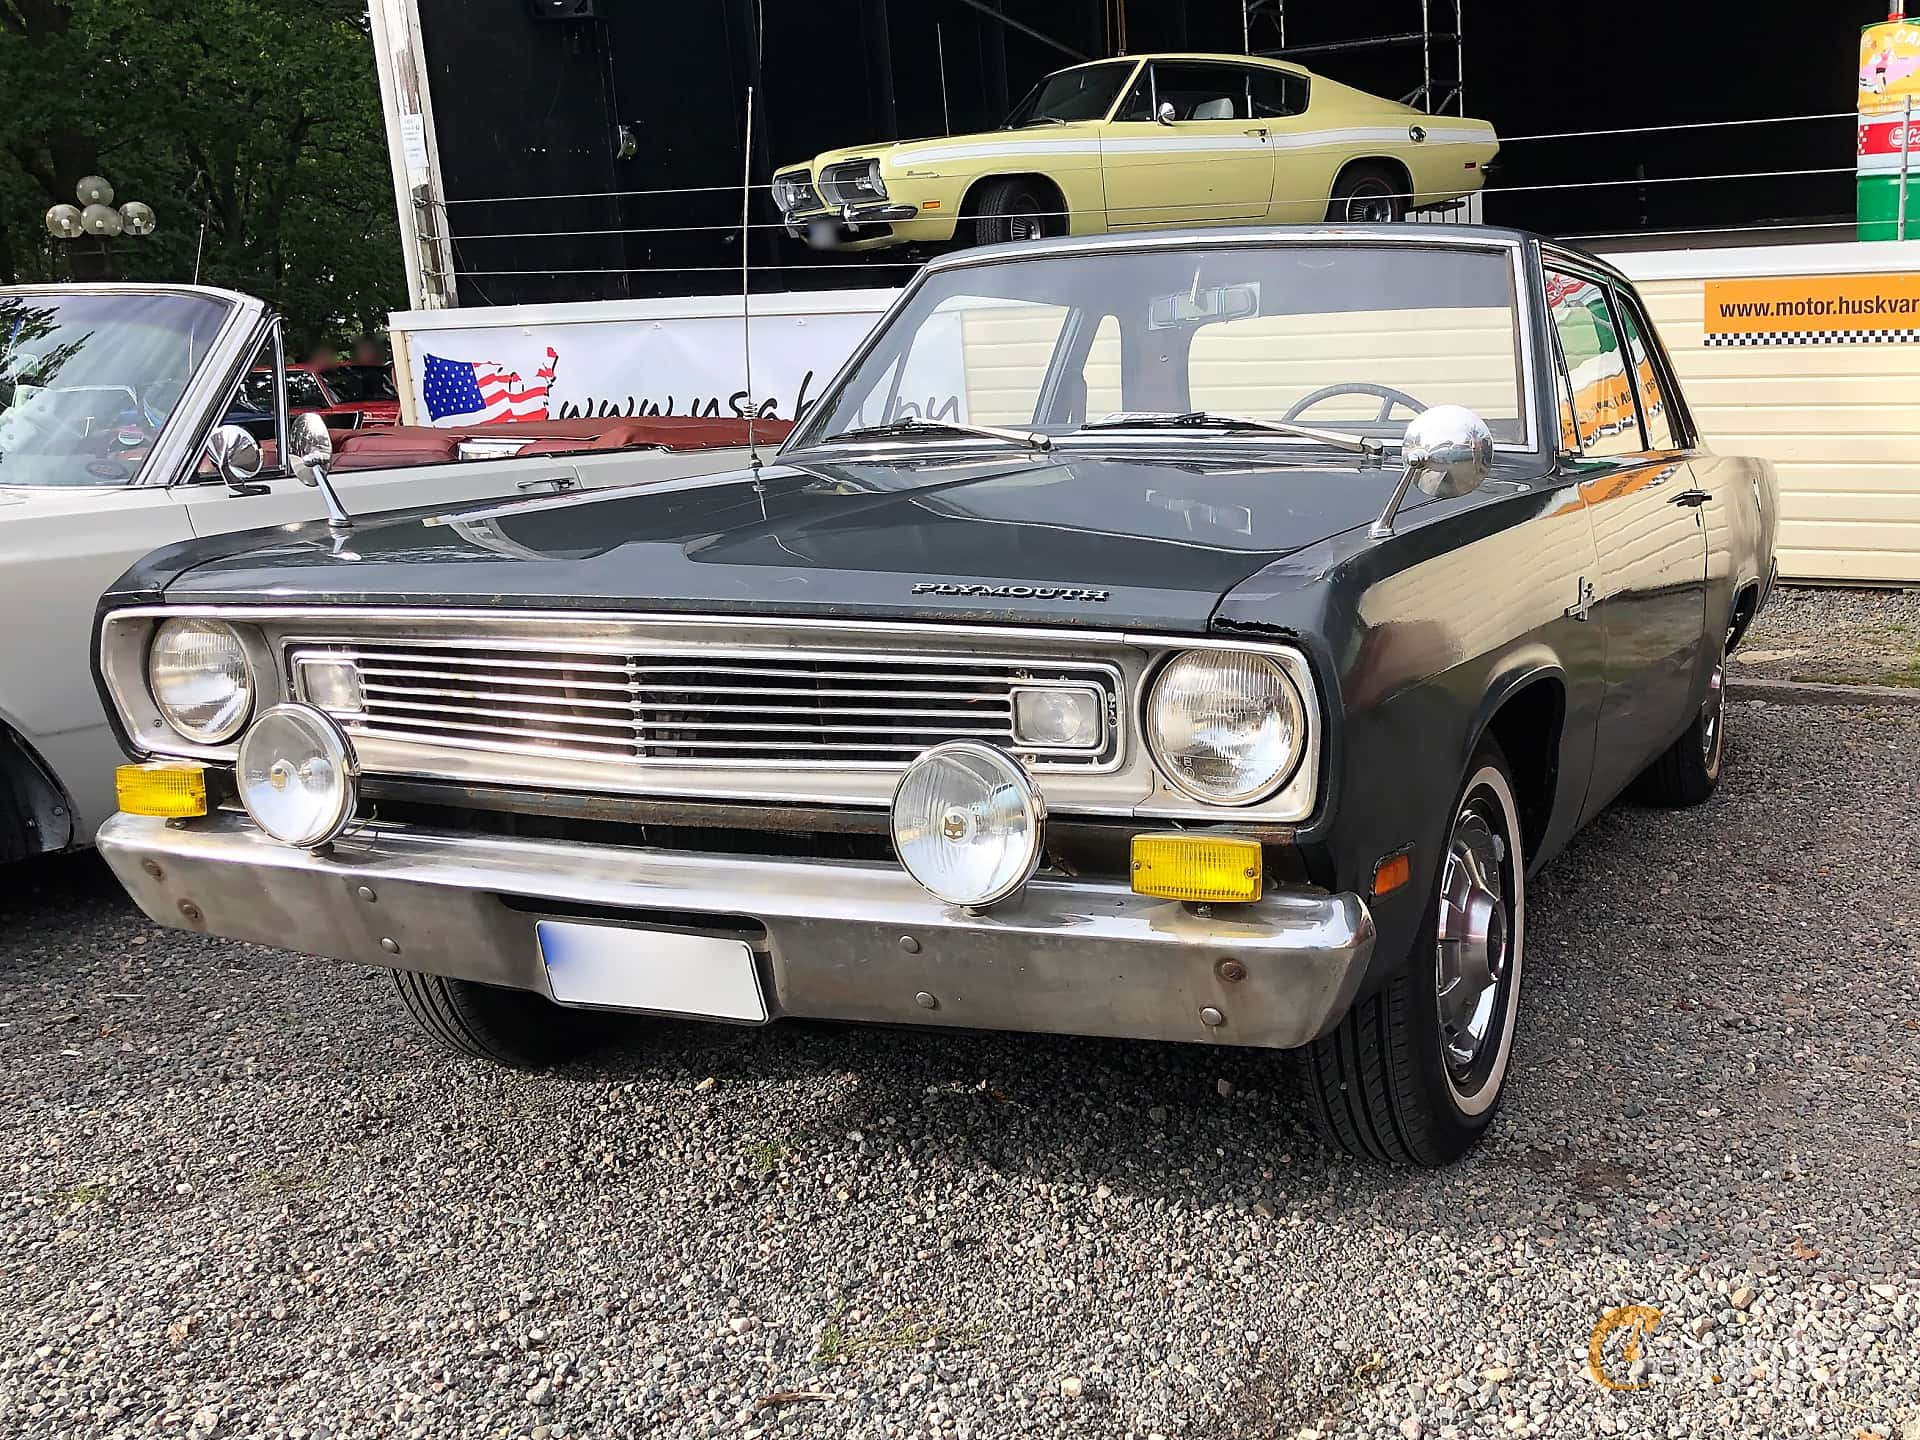 Plymouth Valiant 2-door Sedan 2.8 TorqueFlite, 117hp, 1969 at Bil & MC-träffar i Huskvarna Folkets Park 2019 vecka 32 tema Hot Rods